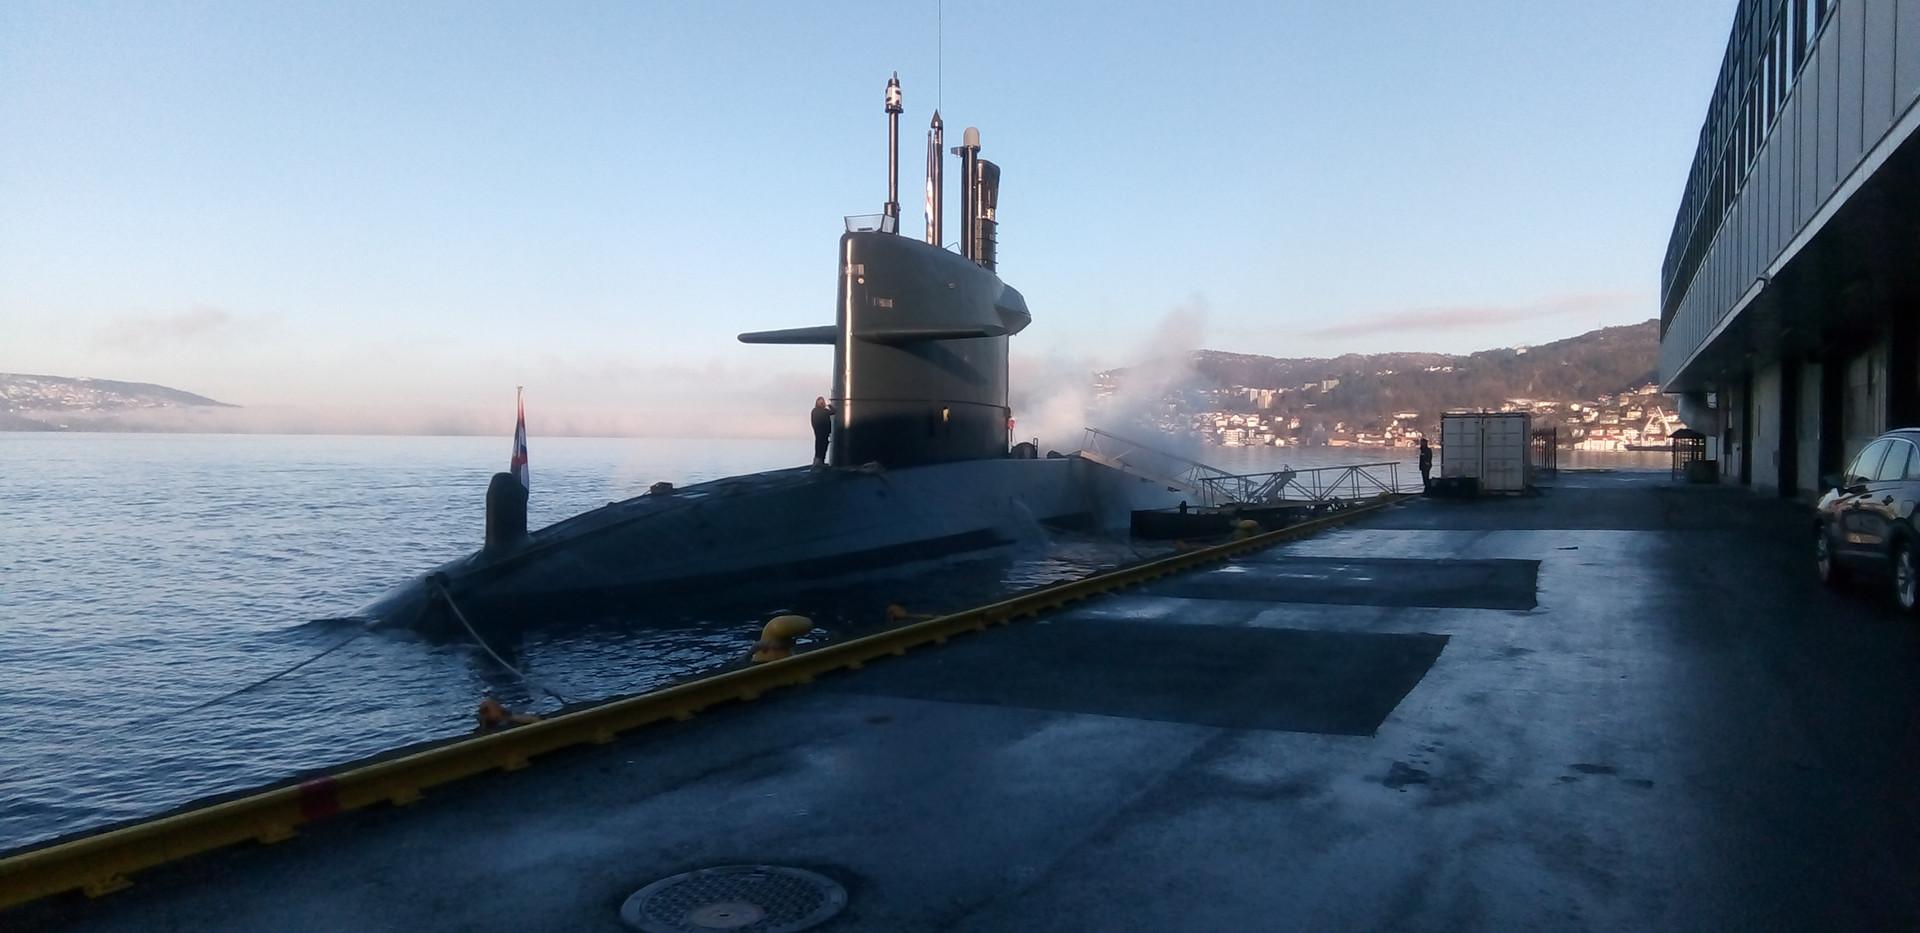 Norweagen Navy